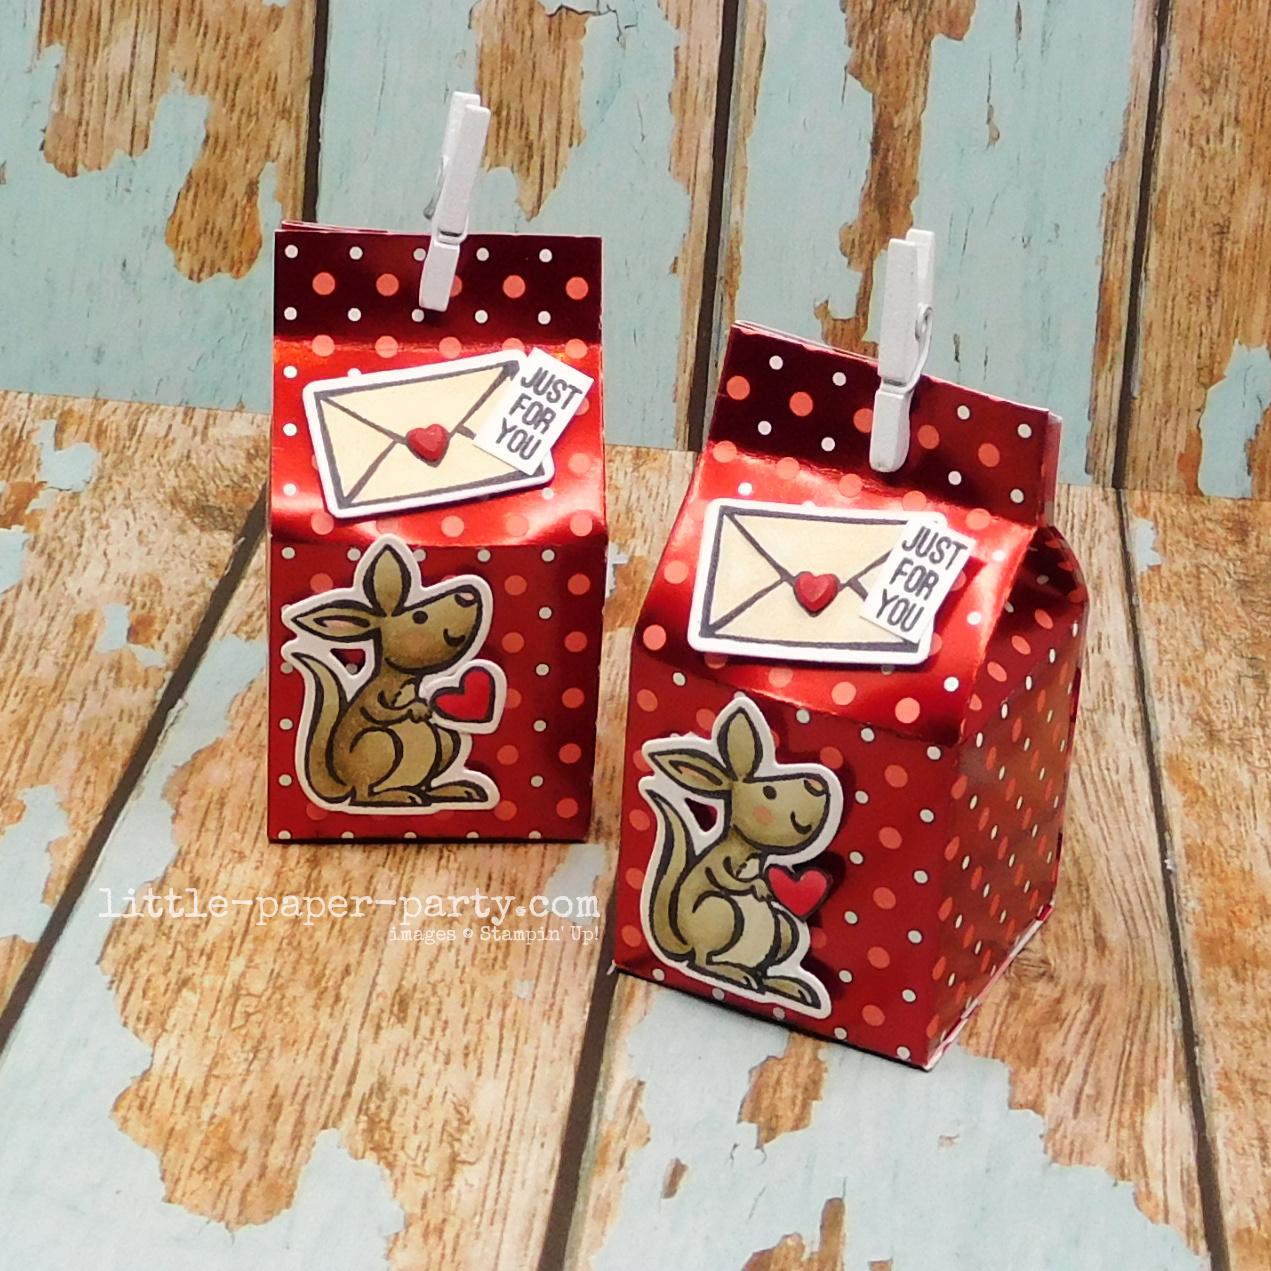 Little Paper Party, Valentine's Day 2021 #1 - Mini Milk Carton 2